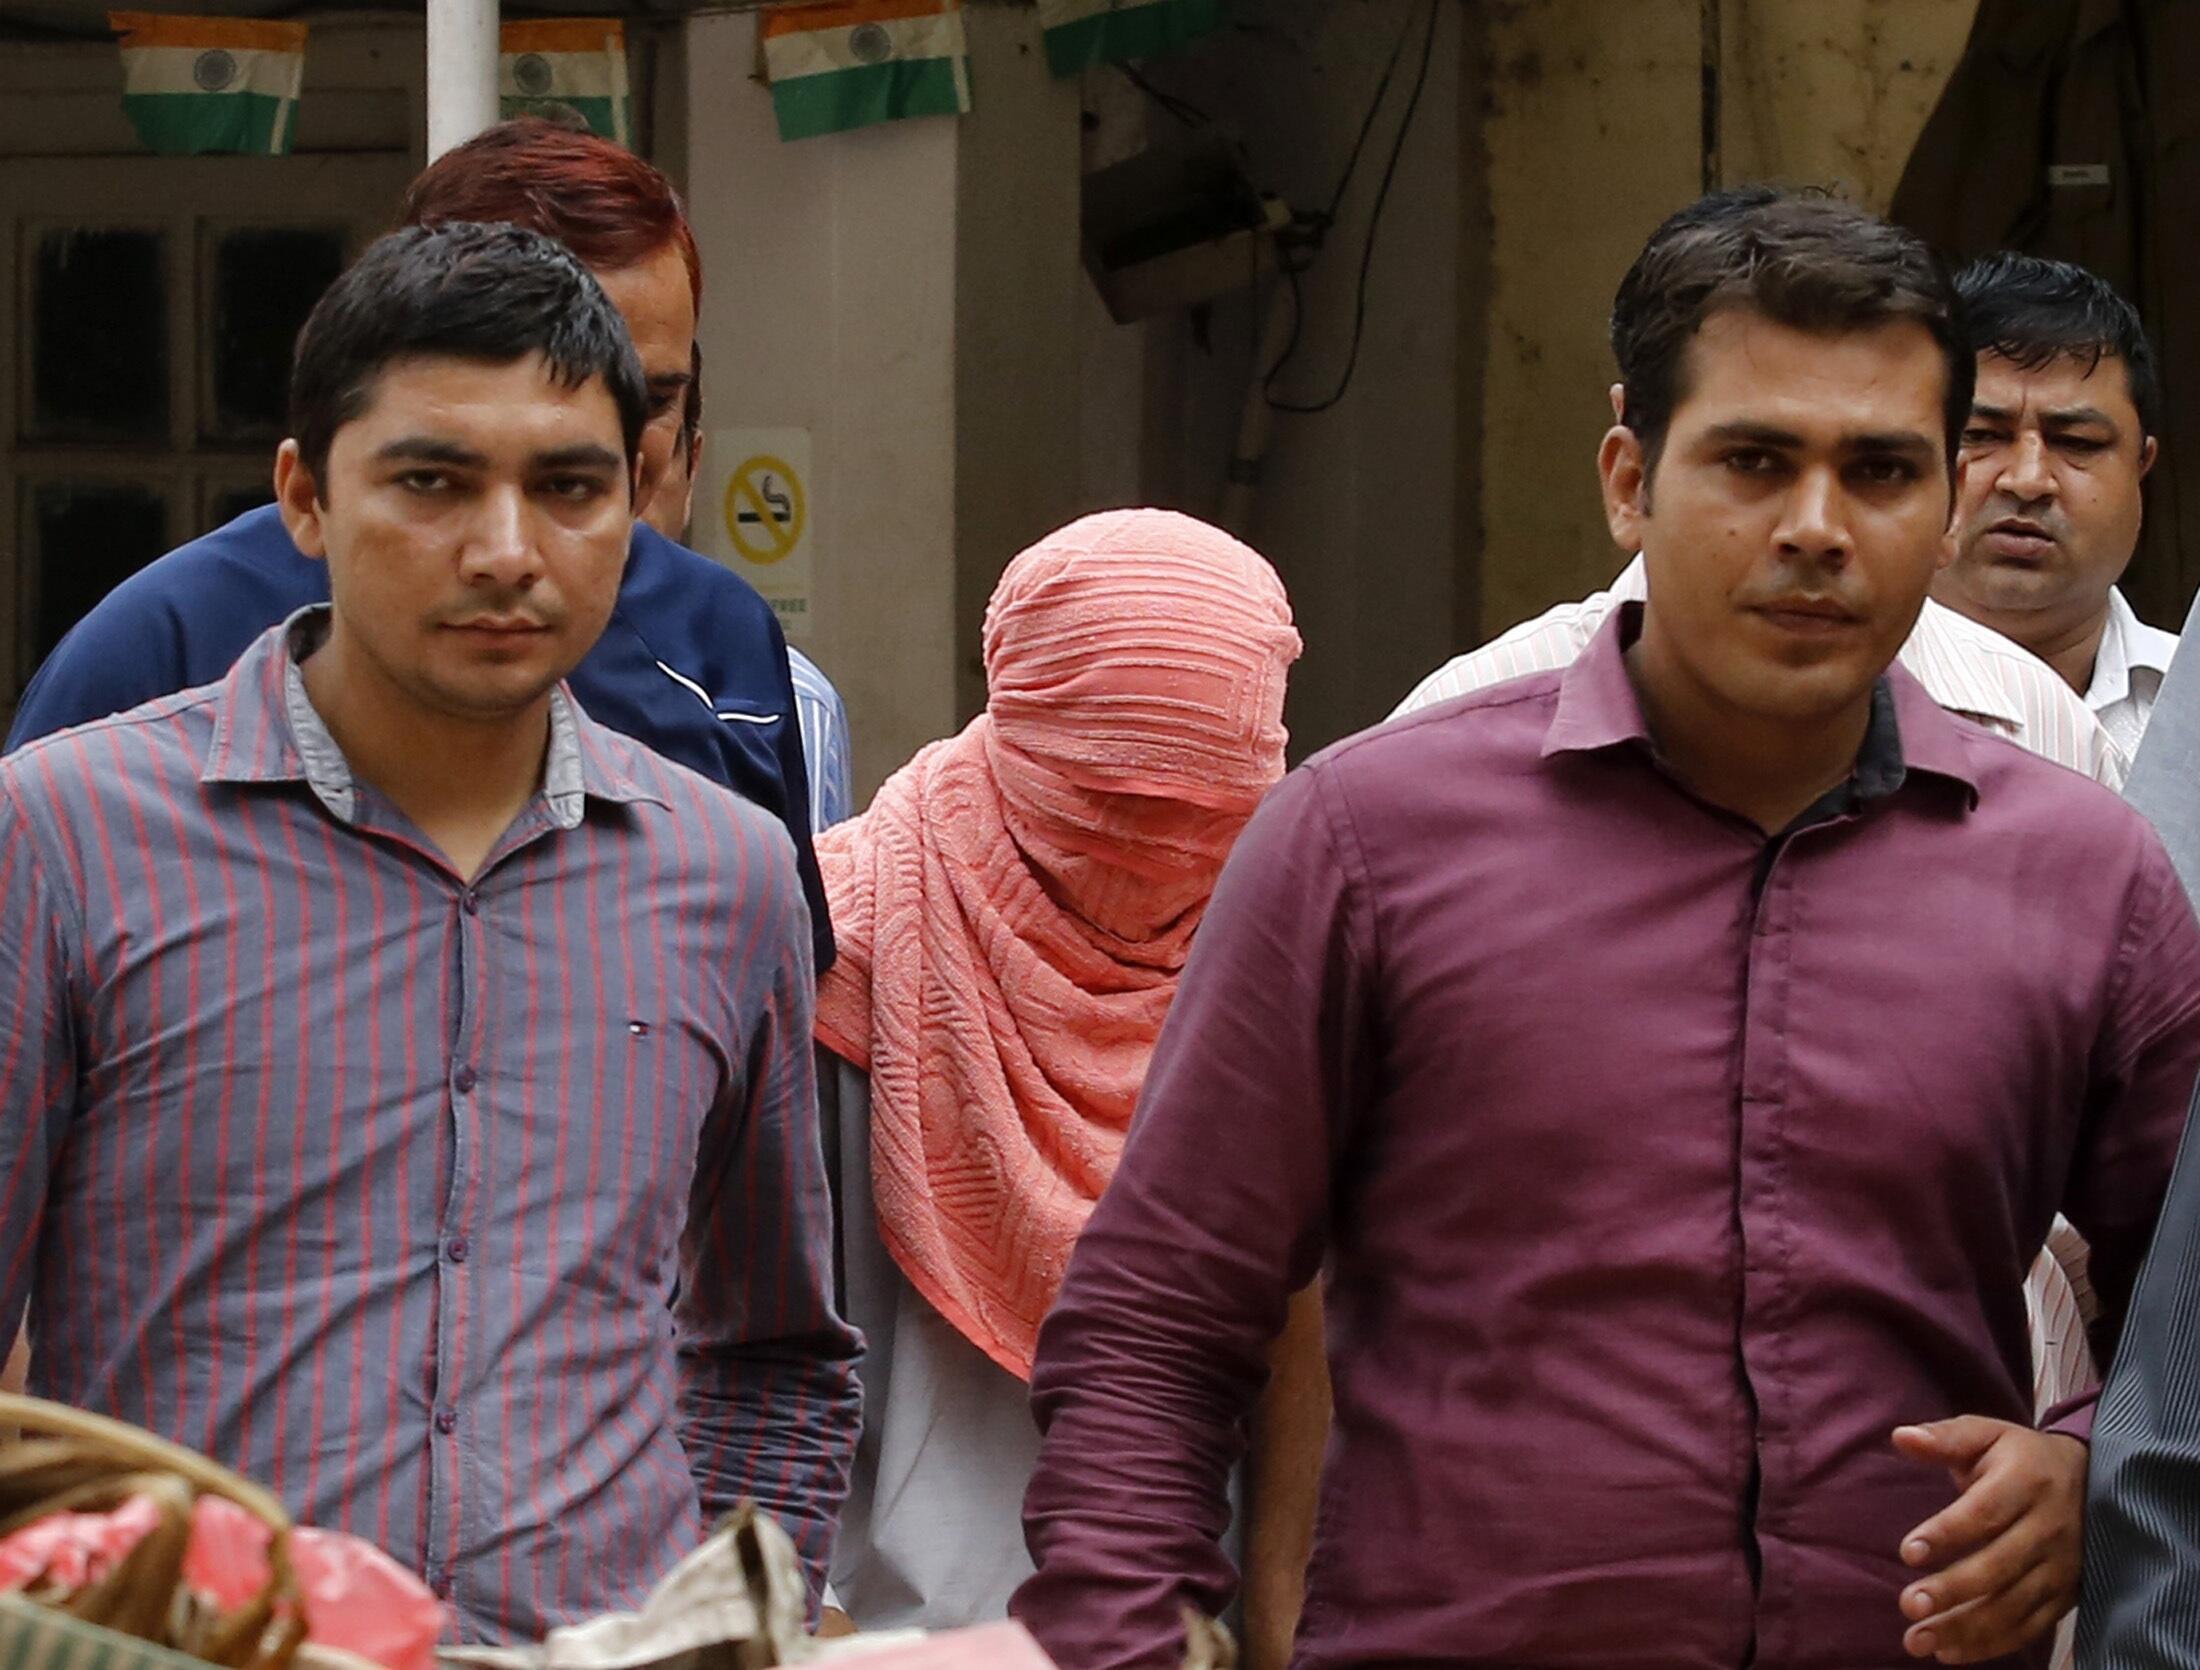 Le mineur comdamné (tête recouverte) sort escorté du tribunal, le 31 août à New Delhi.